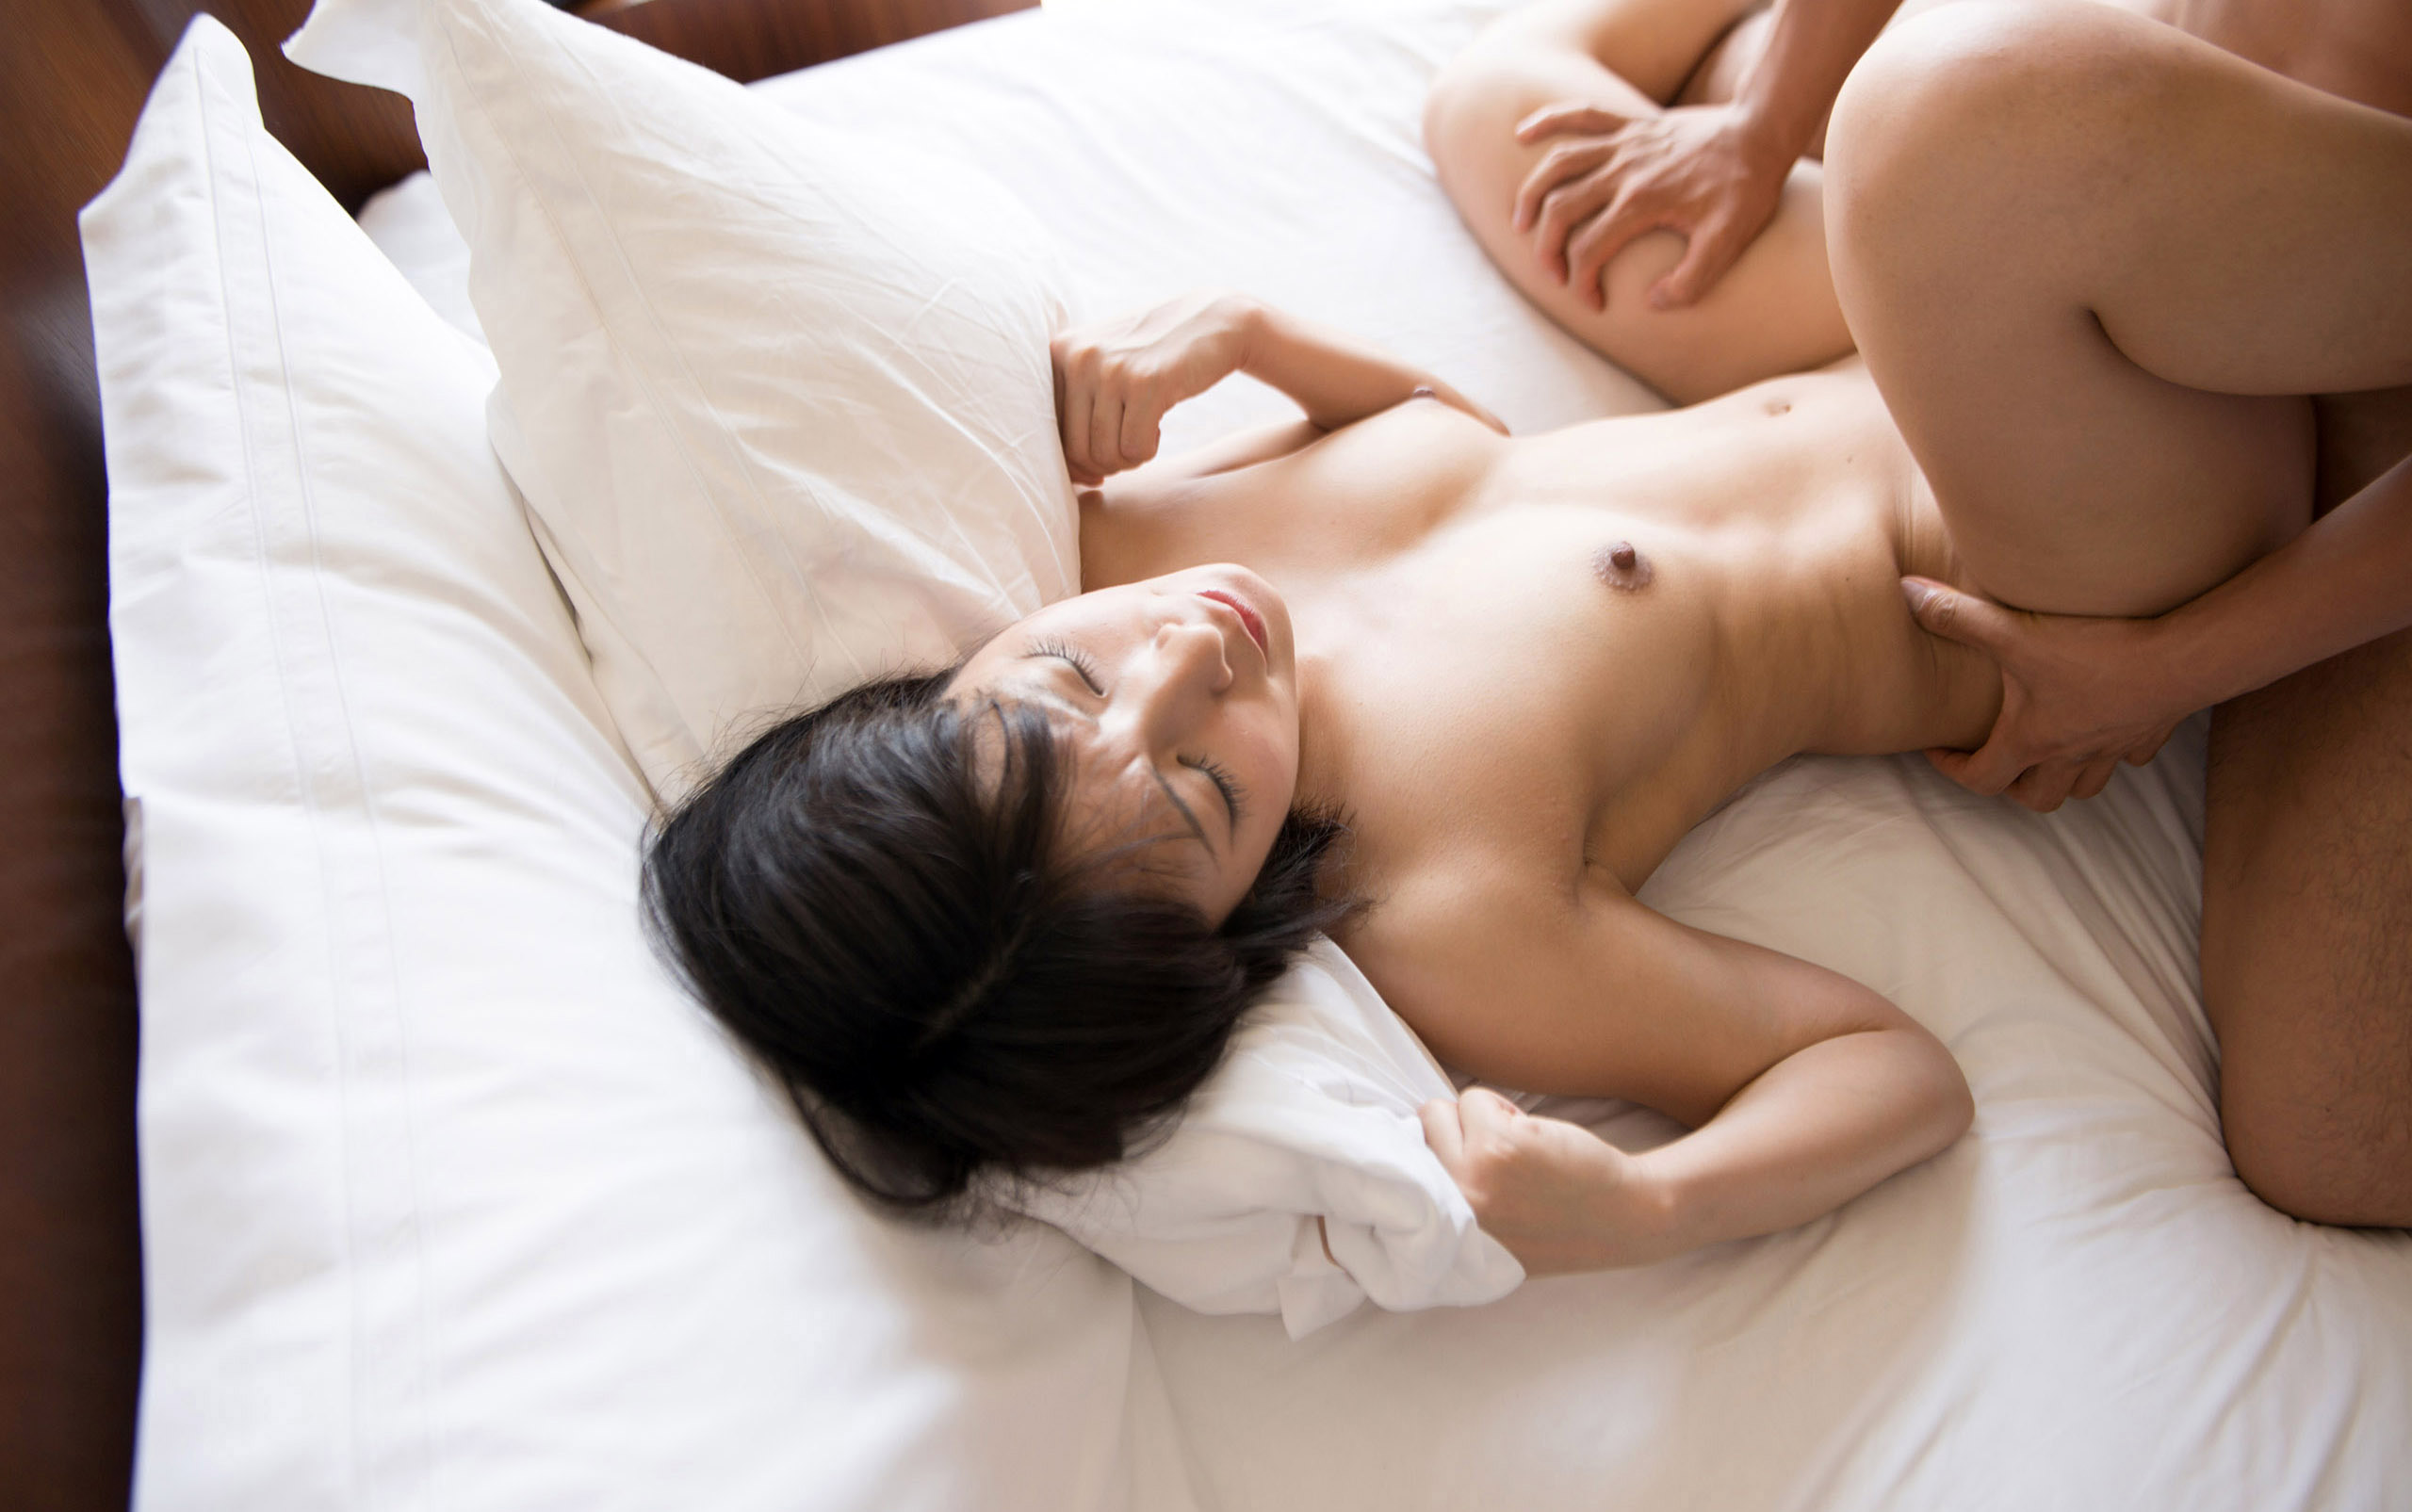 阿部乃みく(あべのみく) ショートヘアのロリ顔天使がラブラブセックスなAV女優エロ画像 89枚 No.49